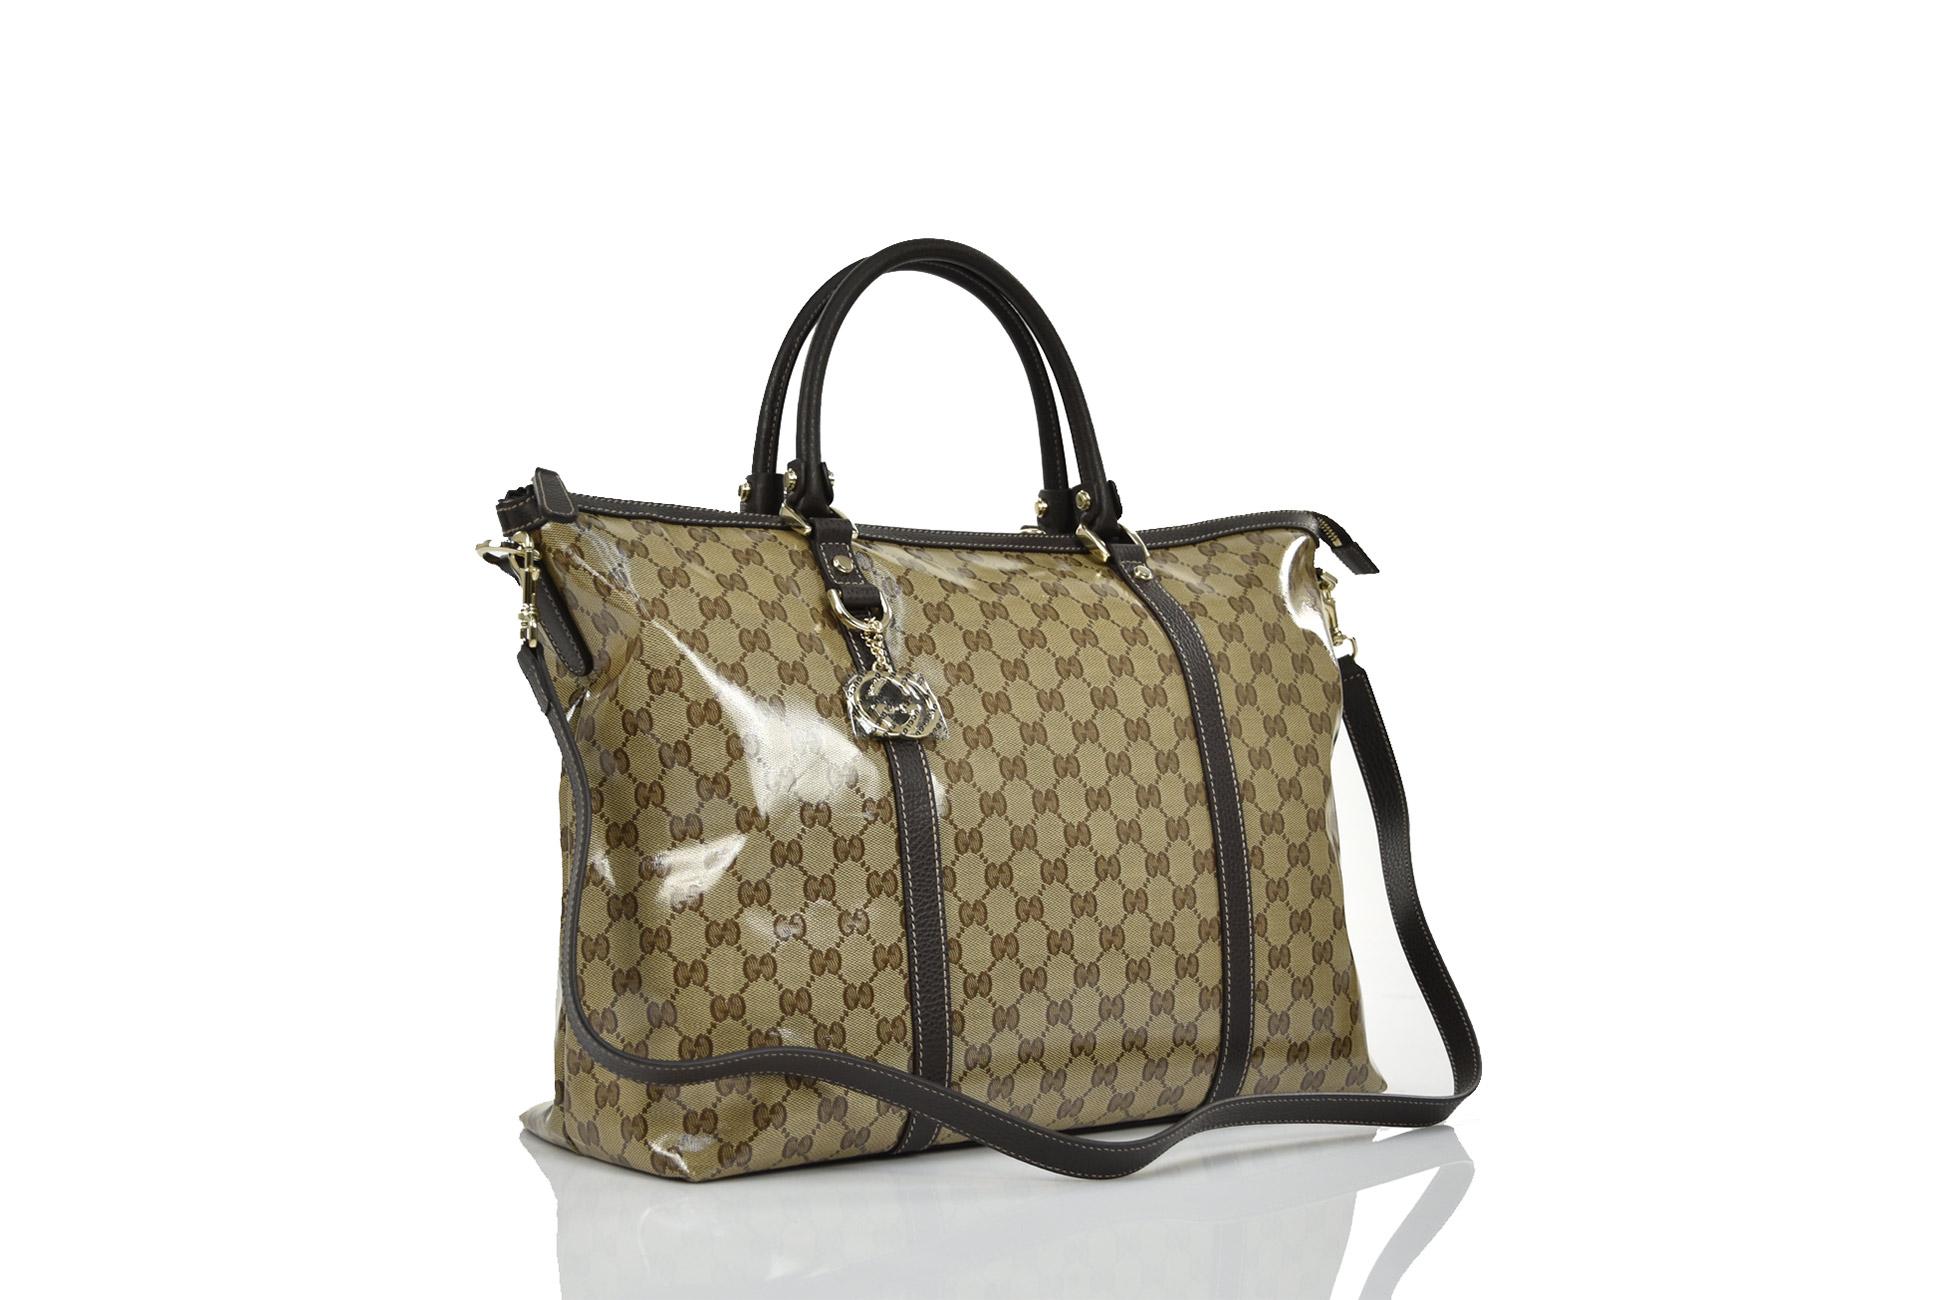 Borse Gucci Usate Ebay